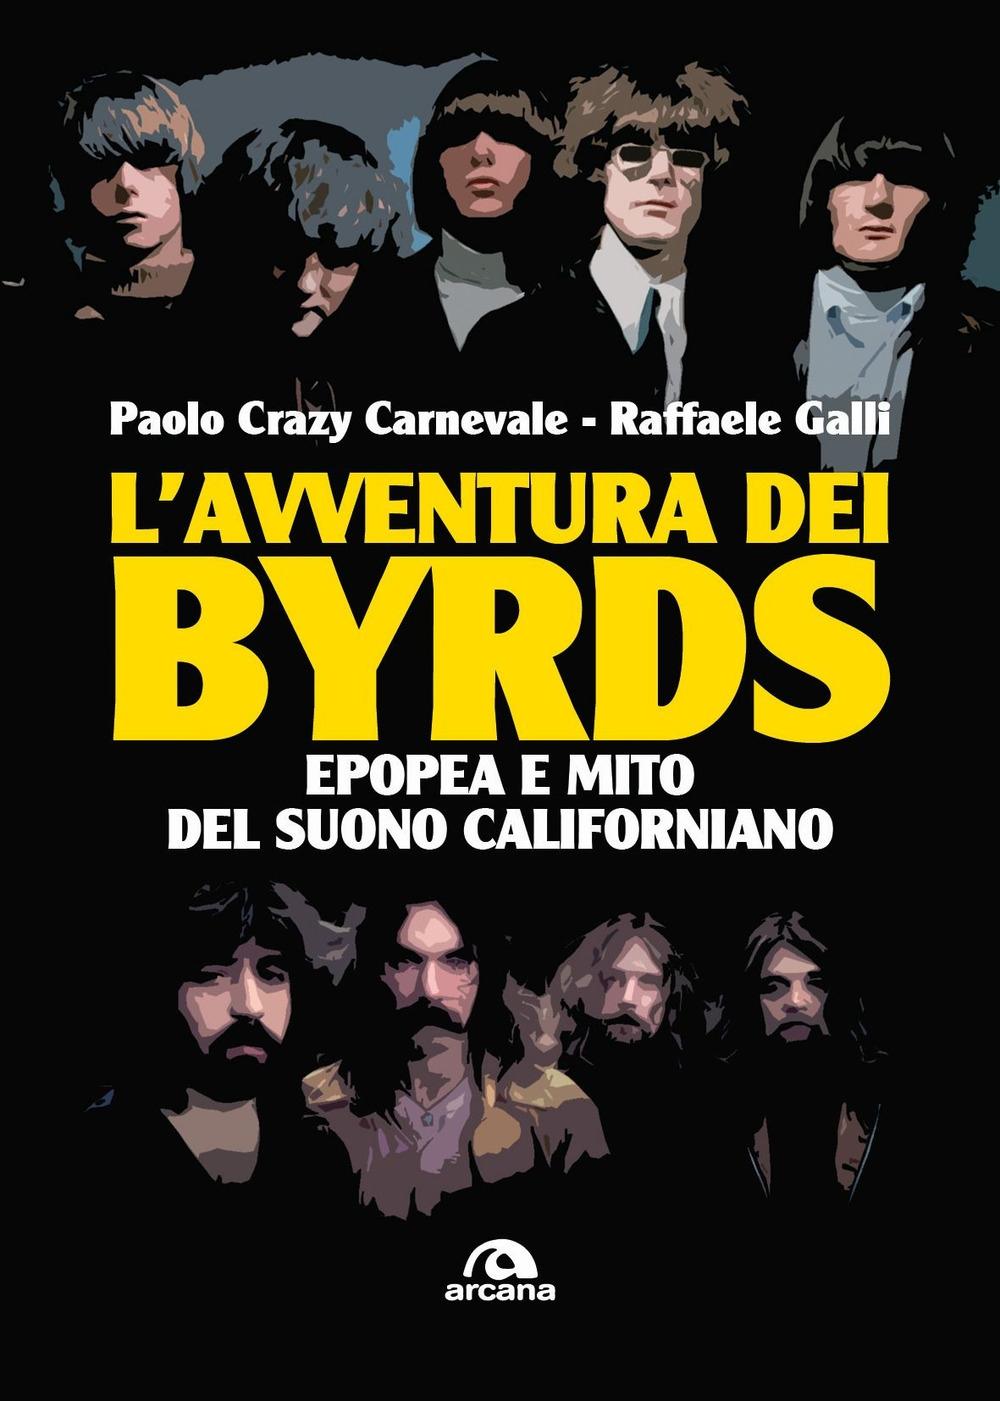 L'avventura dei Byrds. Epopea e mito del suono californiano